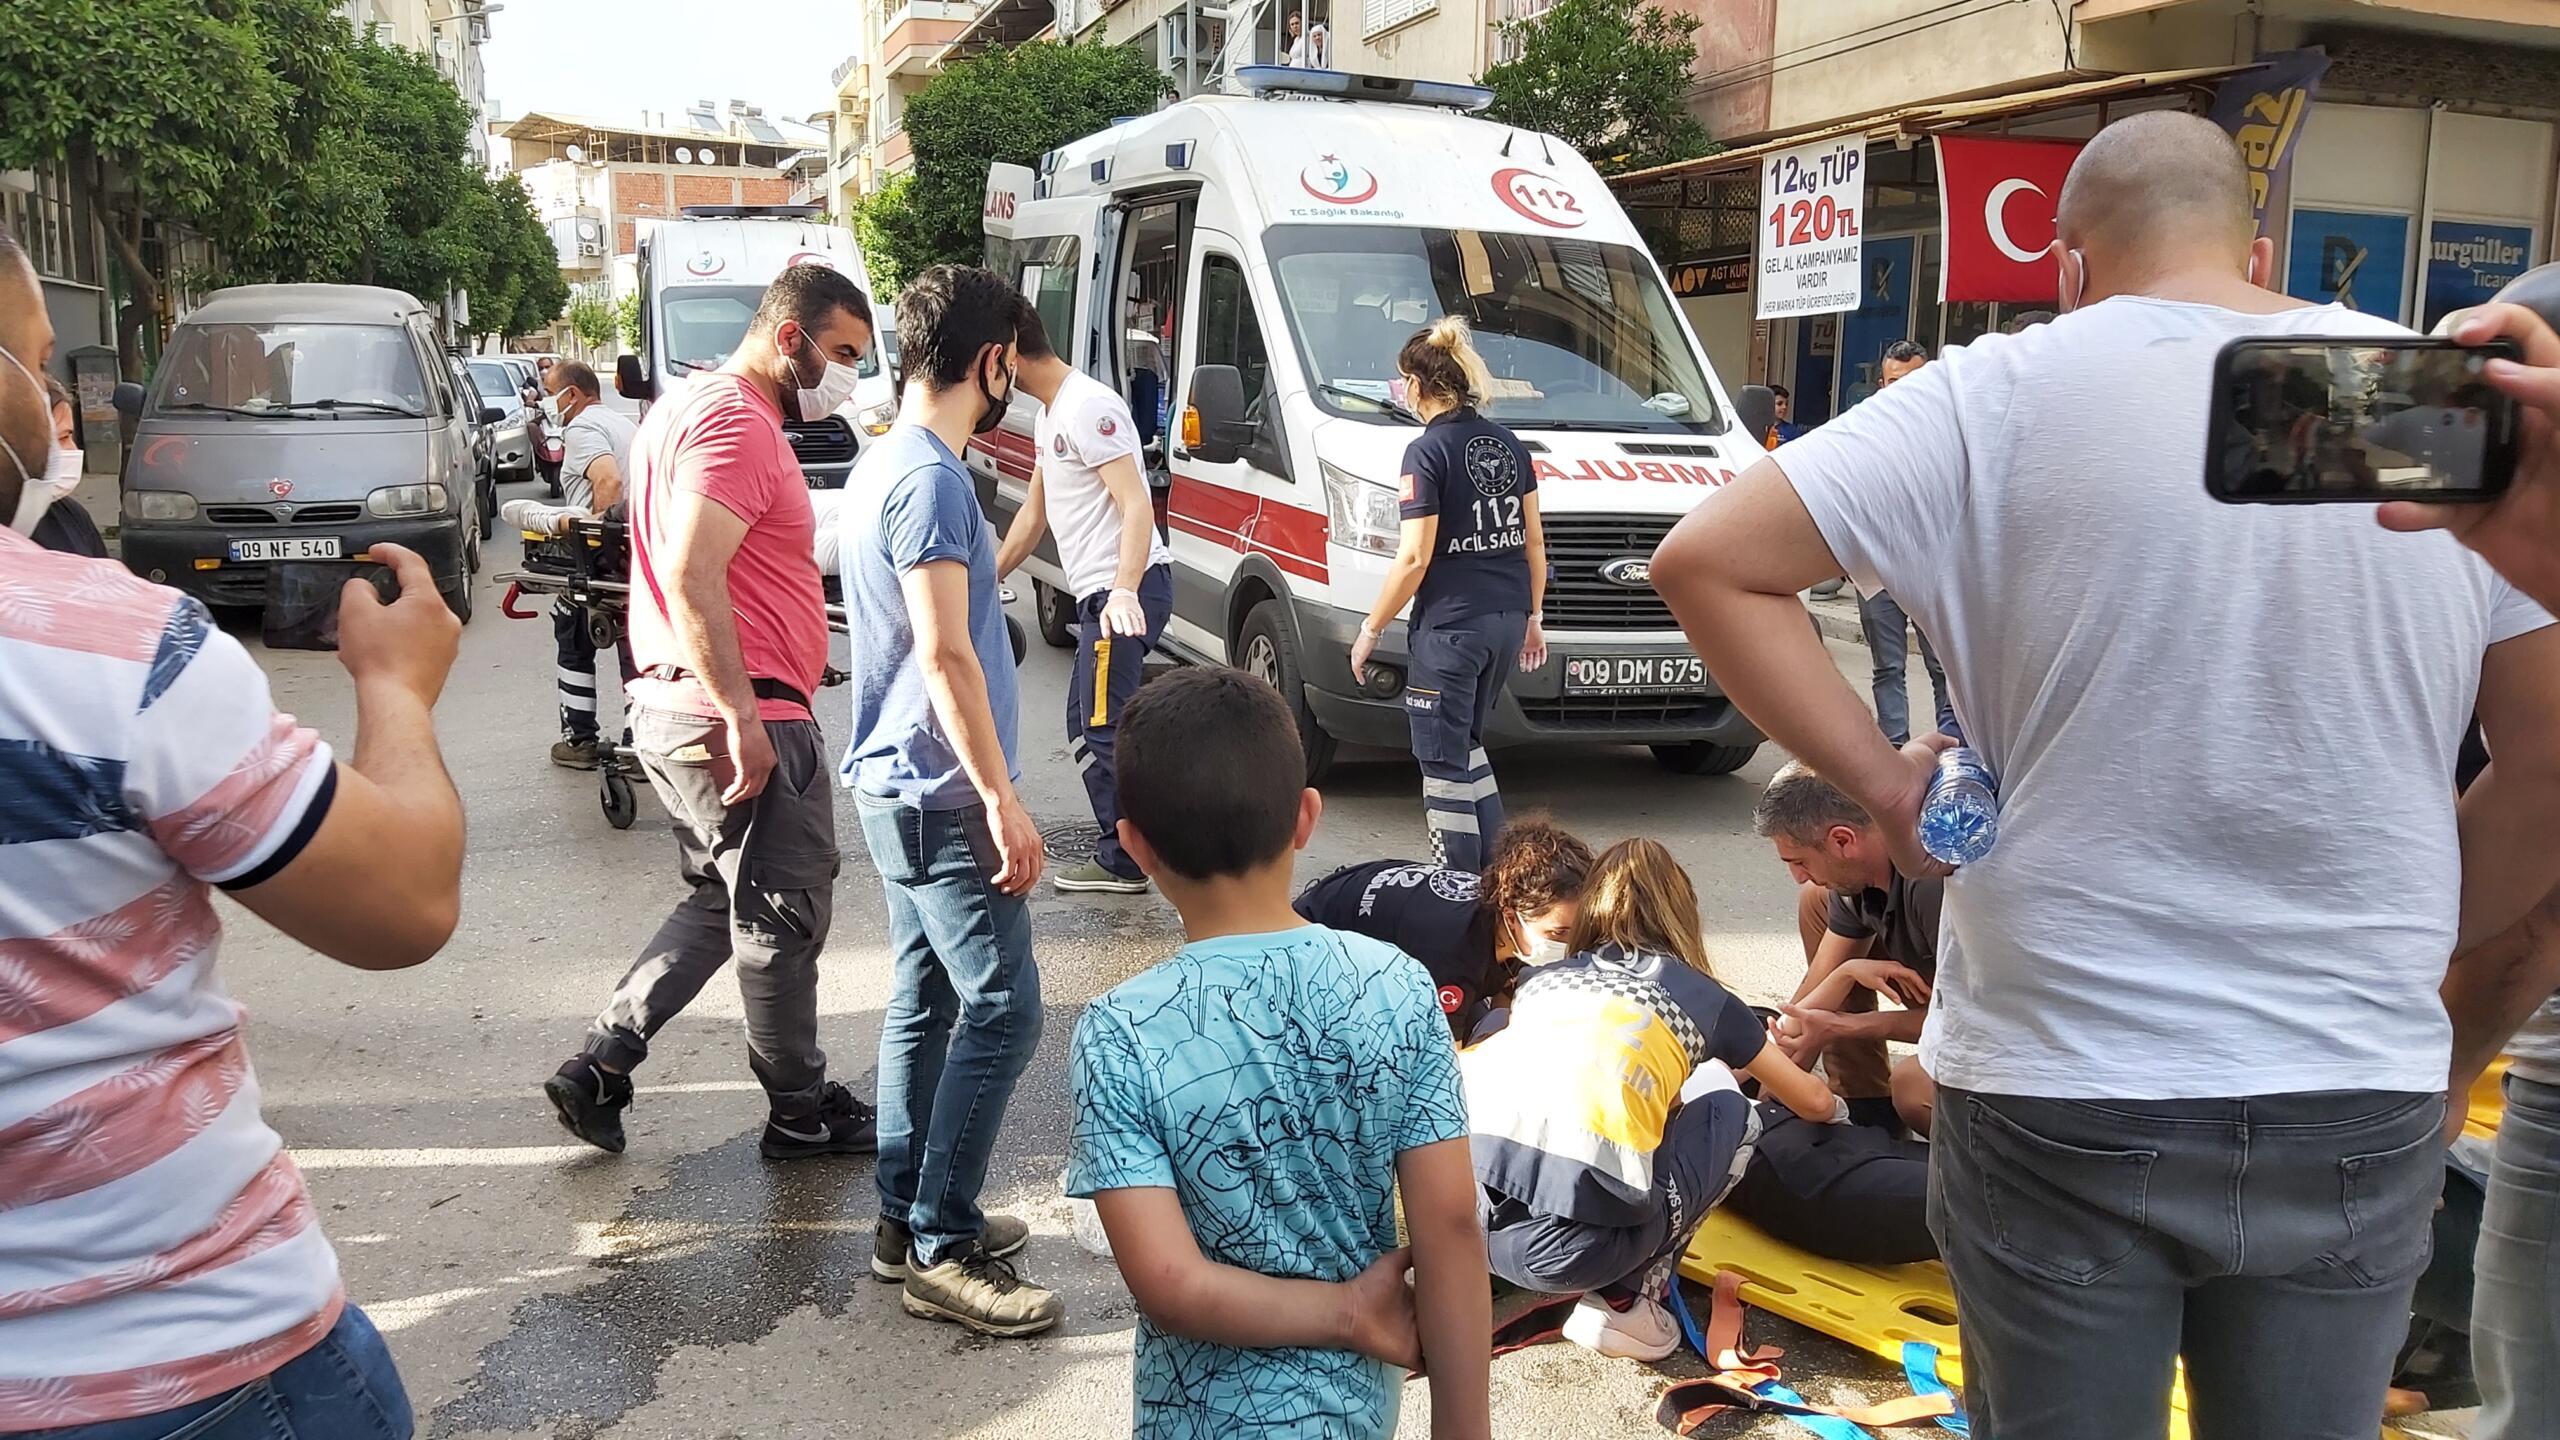 Nazilli'de Feci Kaza; 2 Kişi Yaralandı